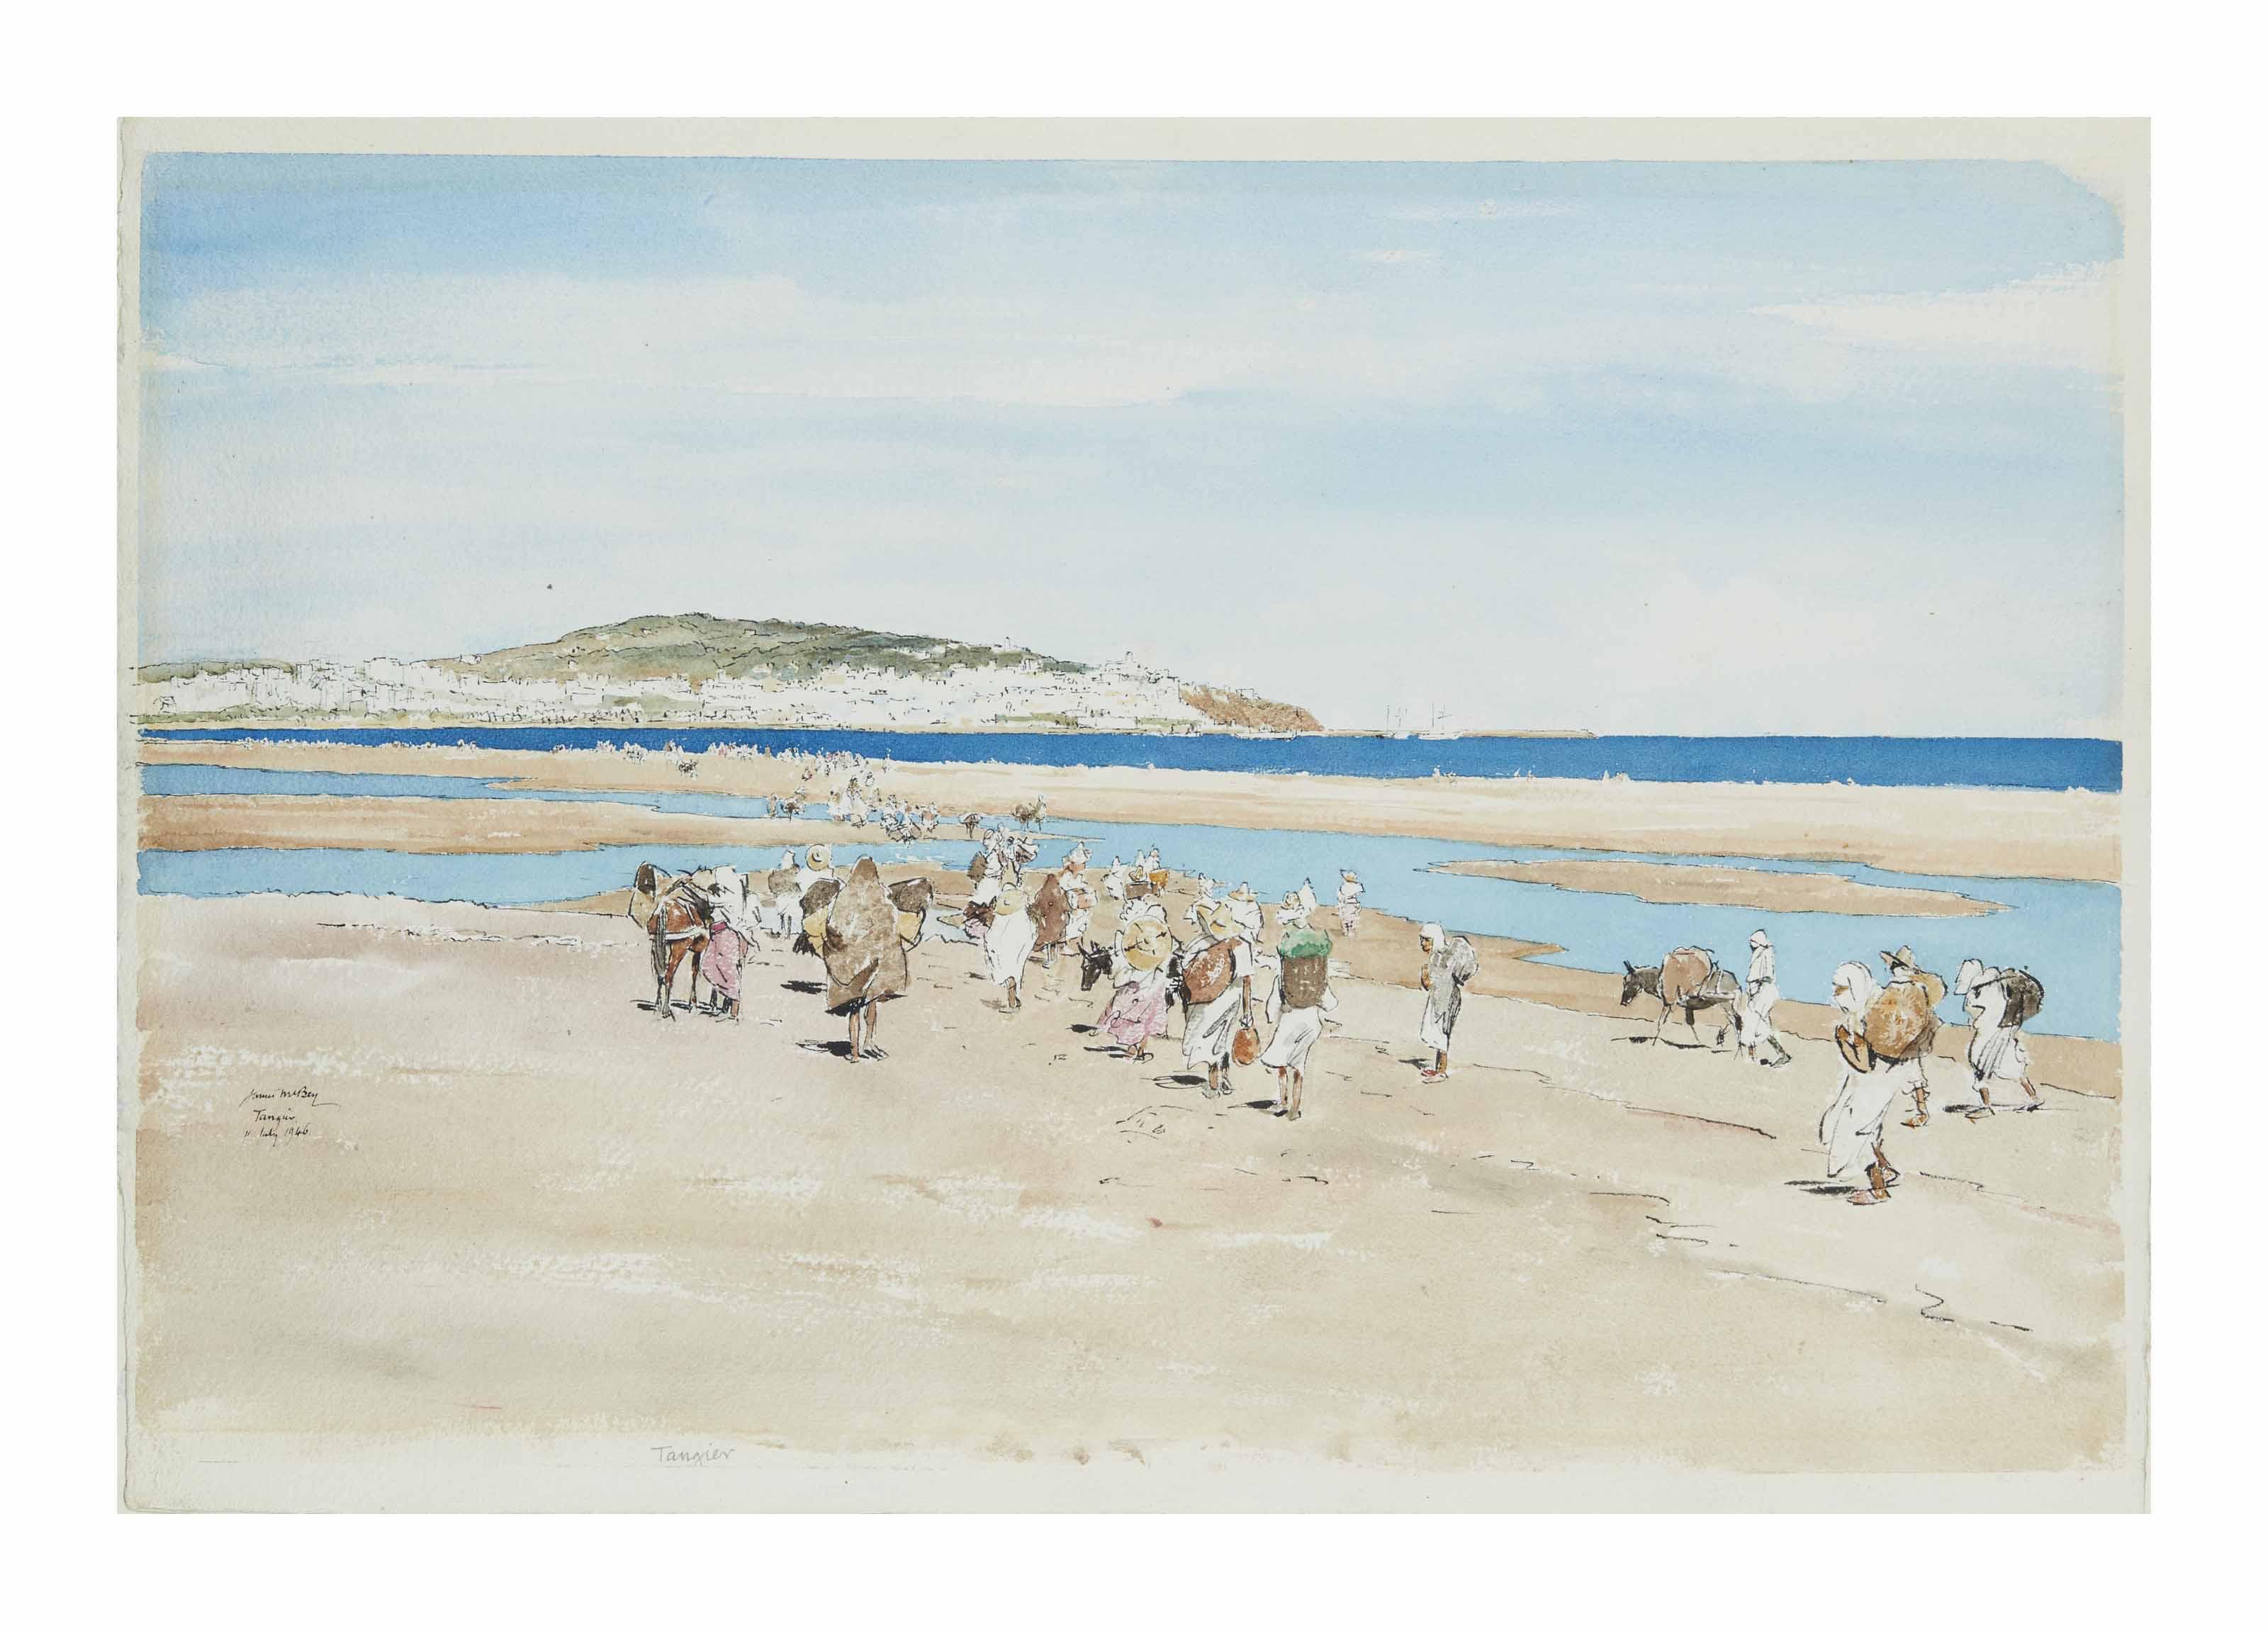 La plage à Tanger